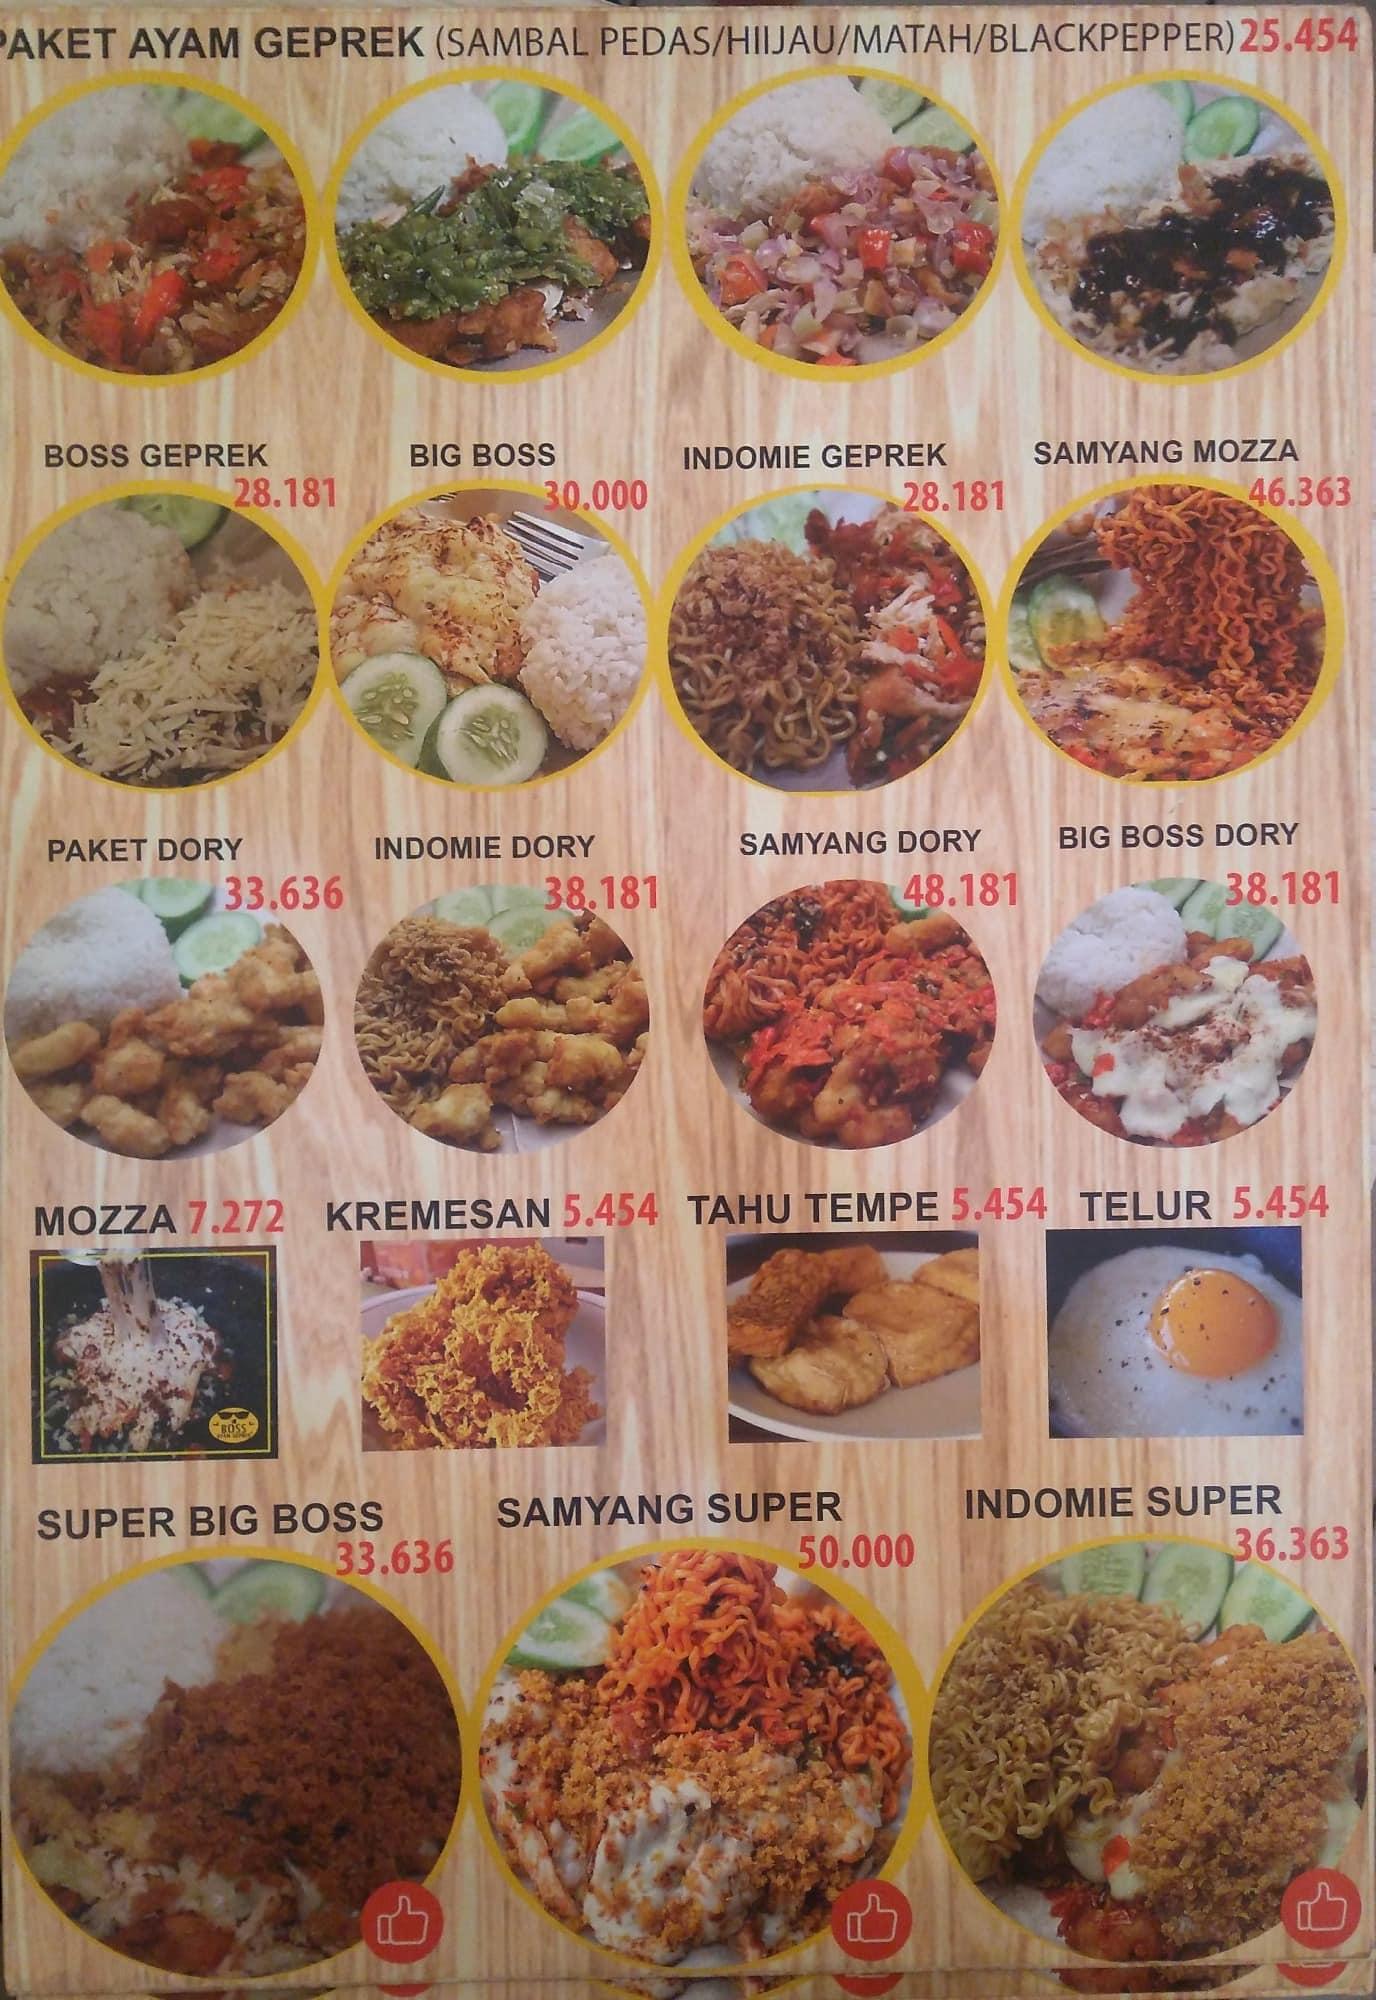 Boss Ayam Geprek Menu Menu For Boss Ayam Geprek Pluit Jakarta